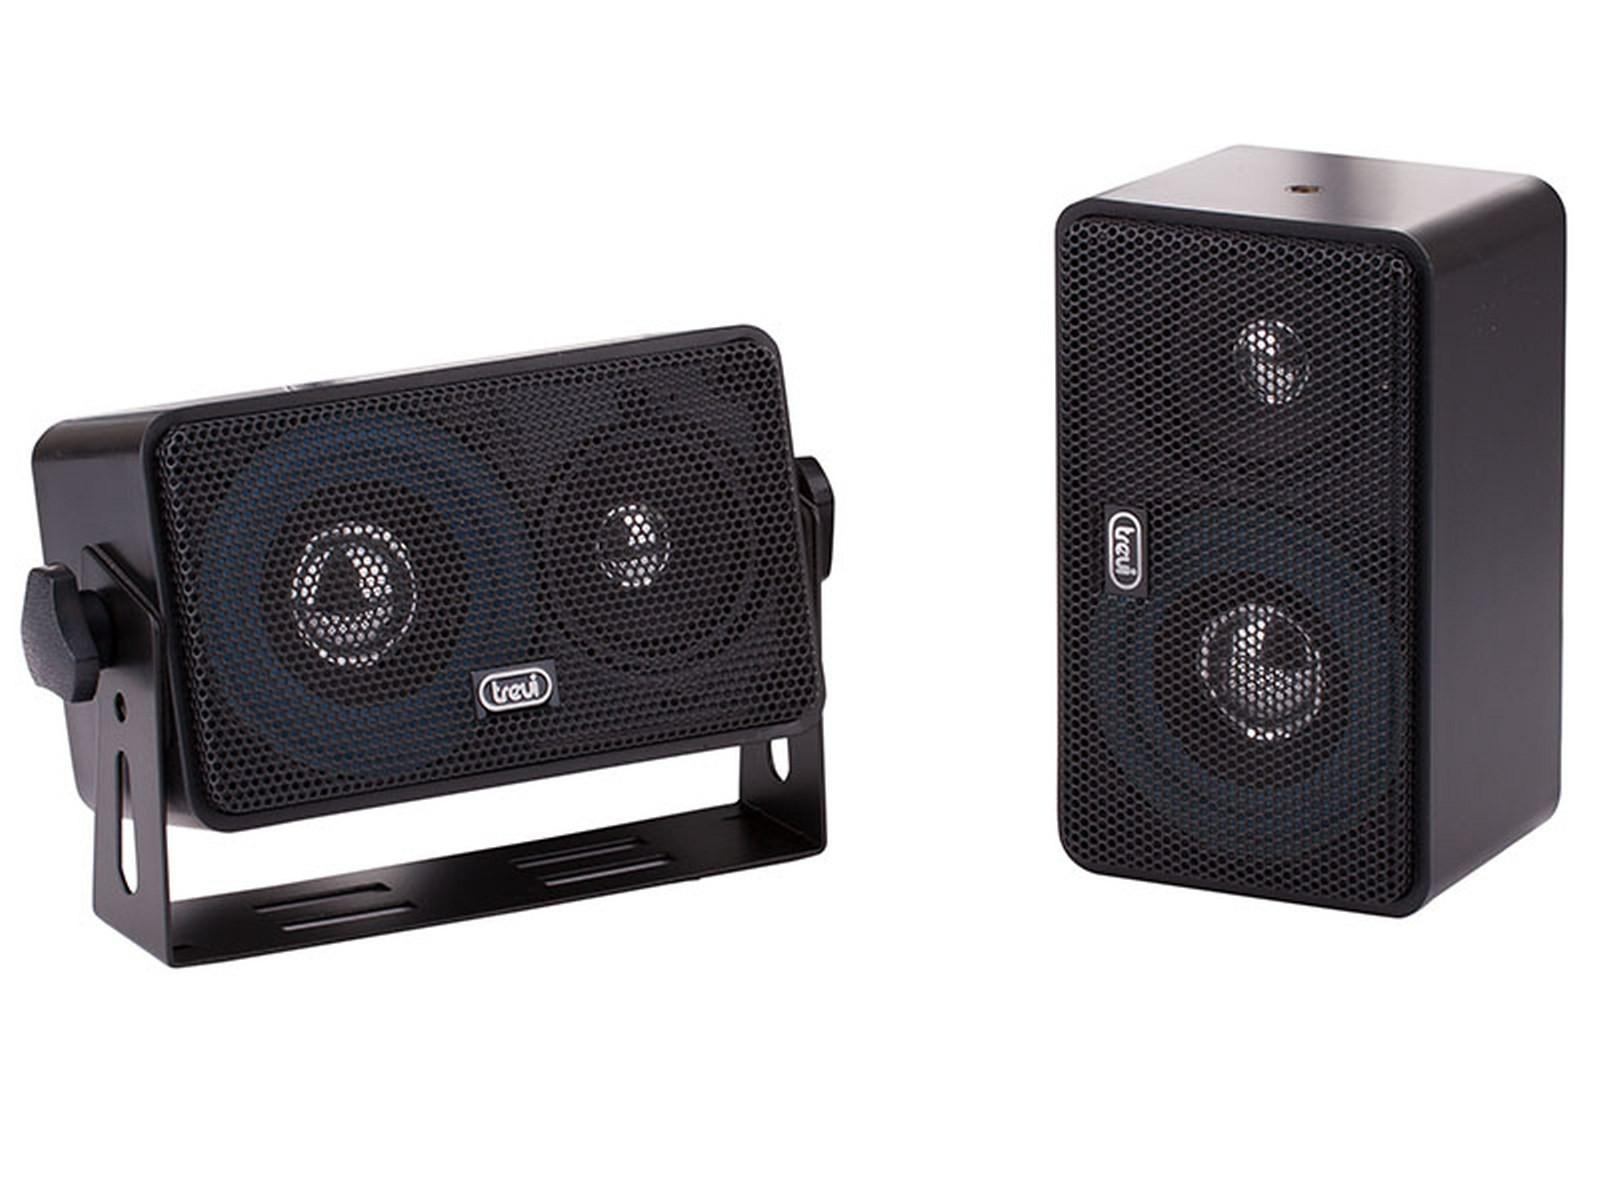 Plafoniere Con Altoparlanti : Altoparlanti trevi a vie da esterno universali speakers casse